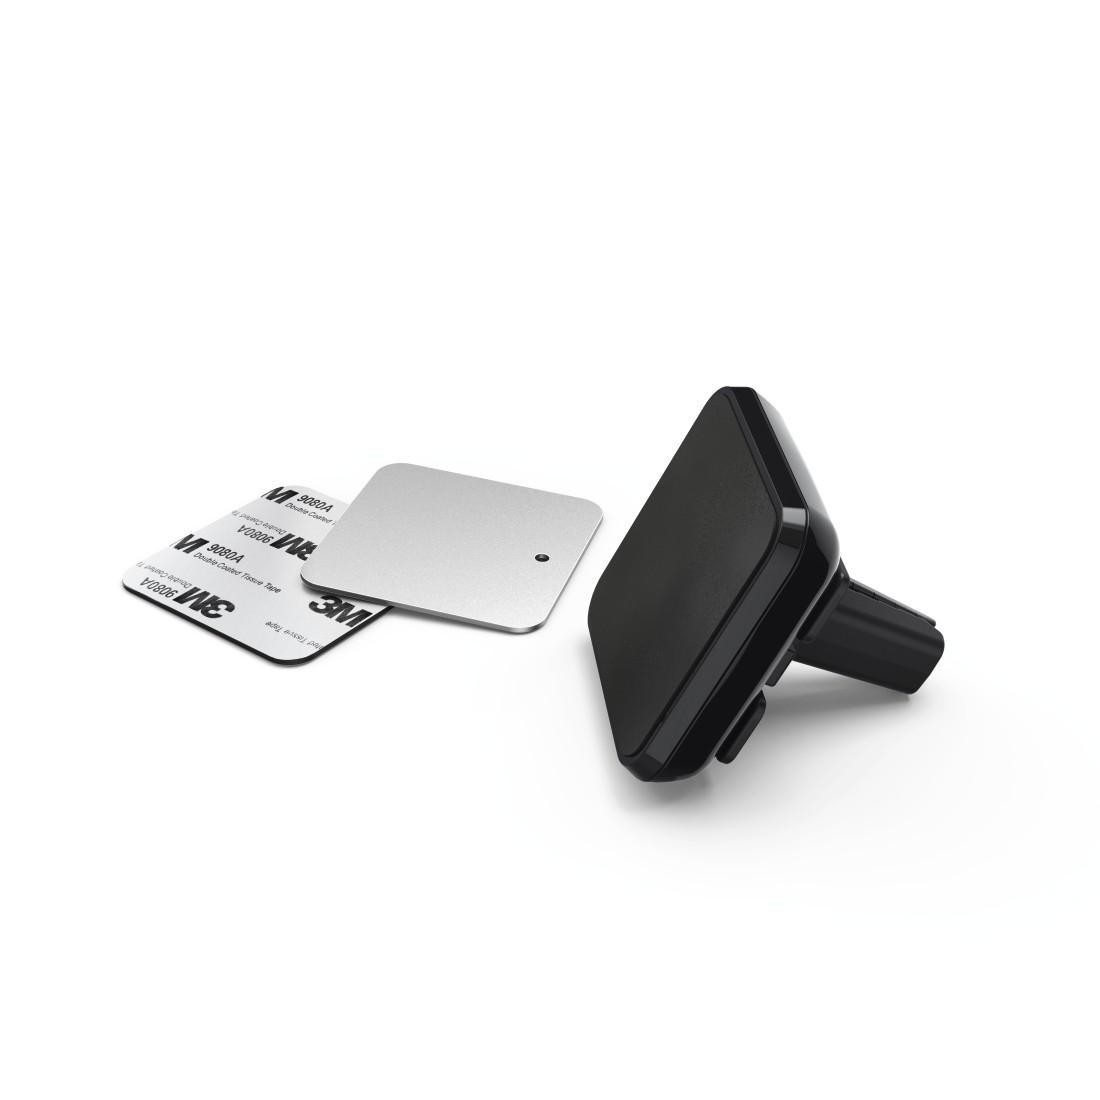 Автомобилна стойка за телефон HAMA Magnet, Магнитна, Черен